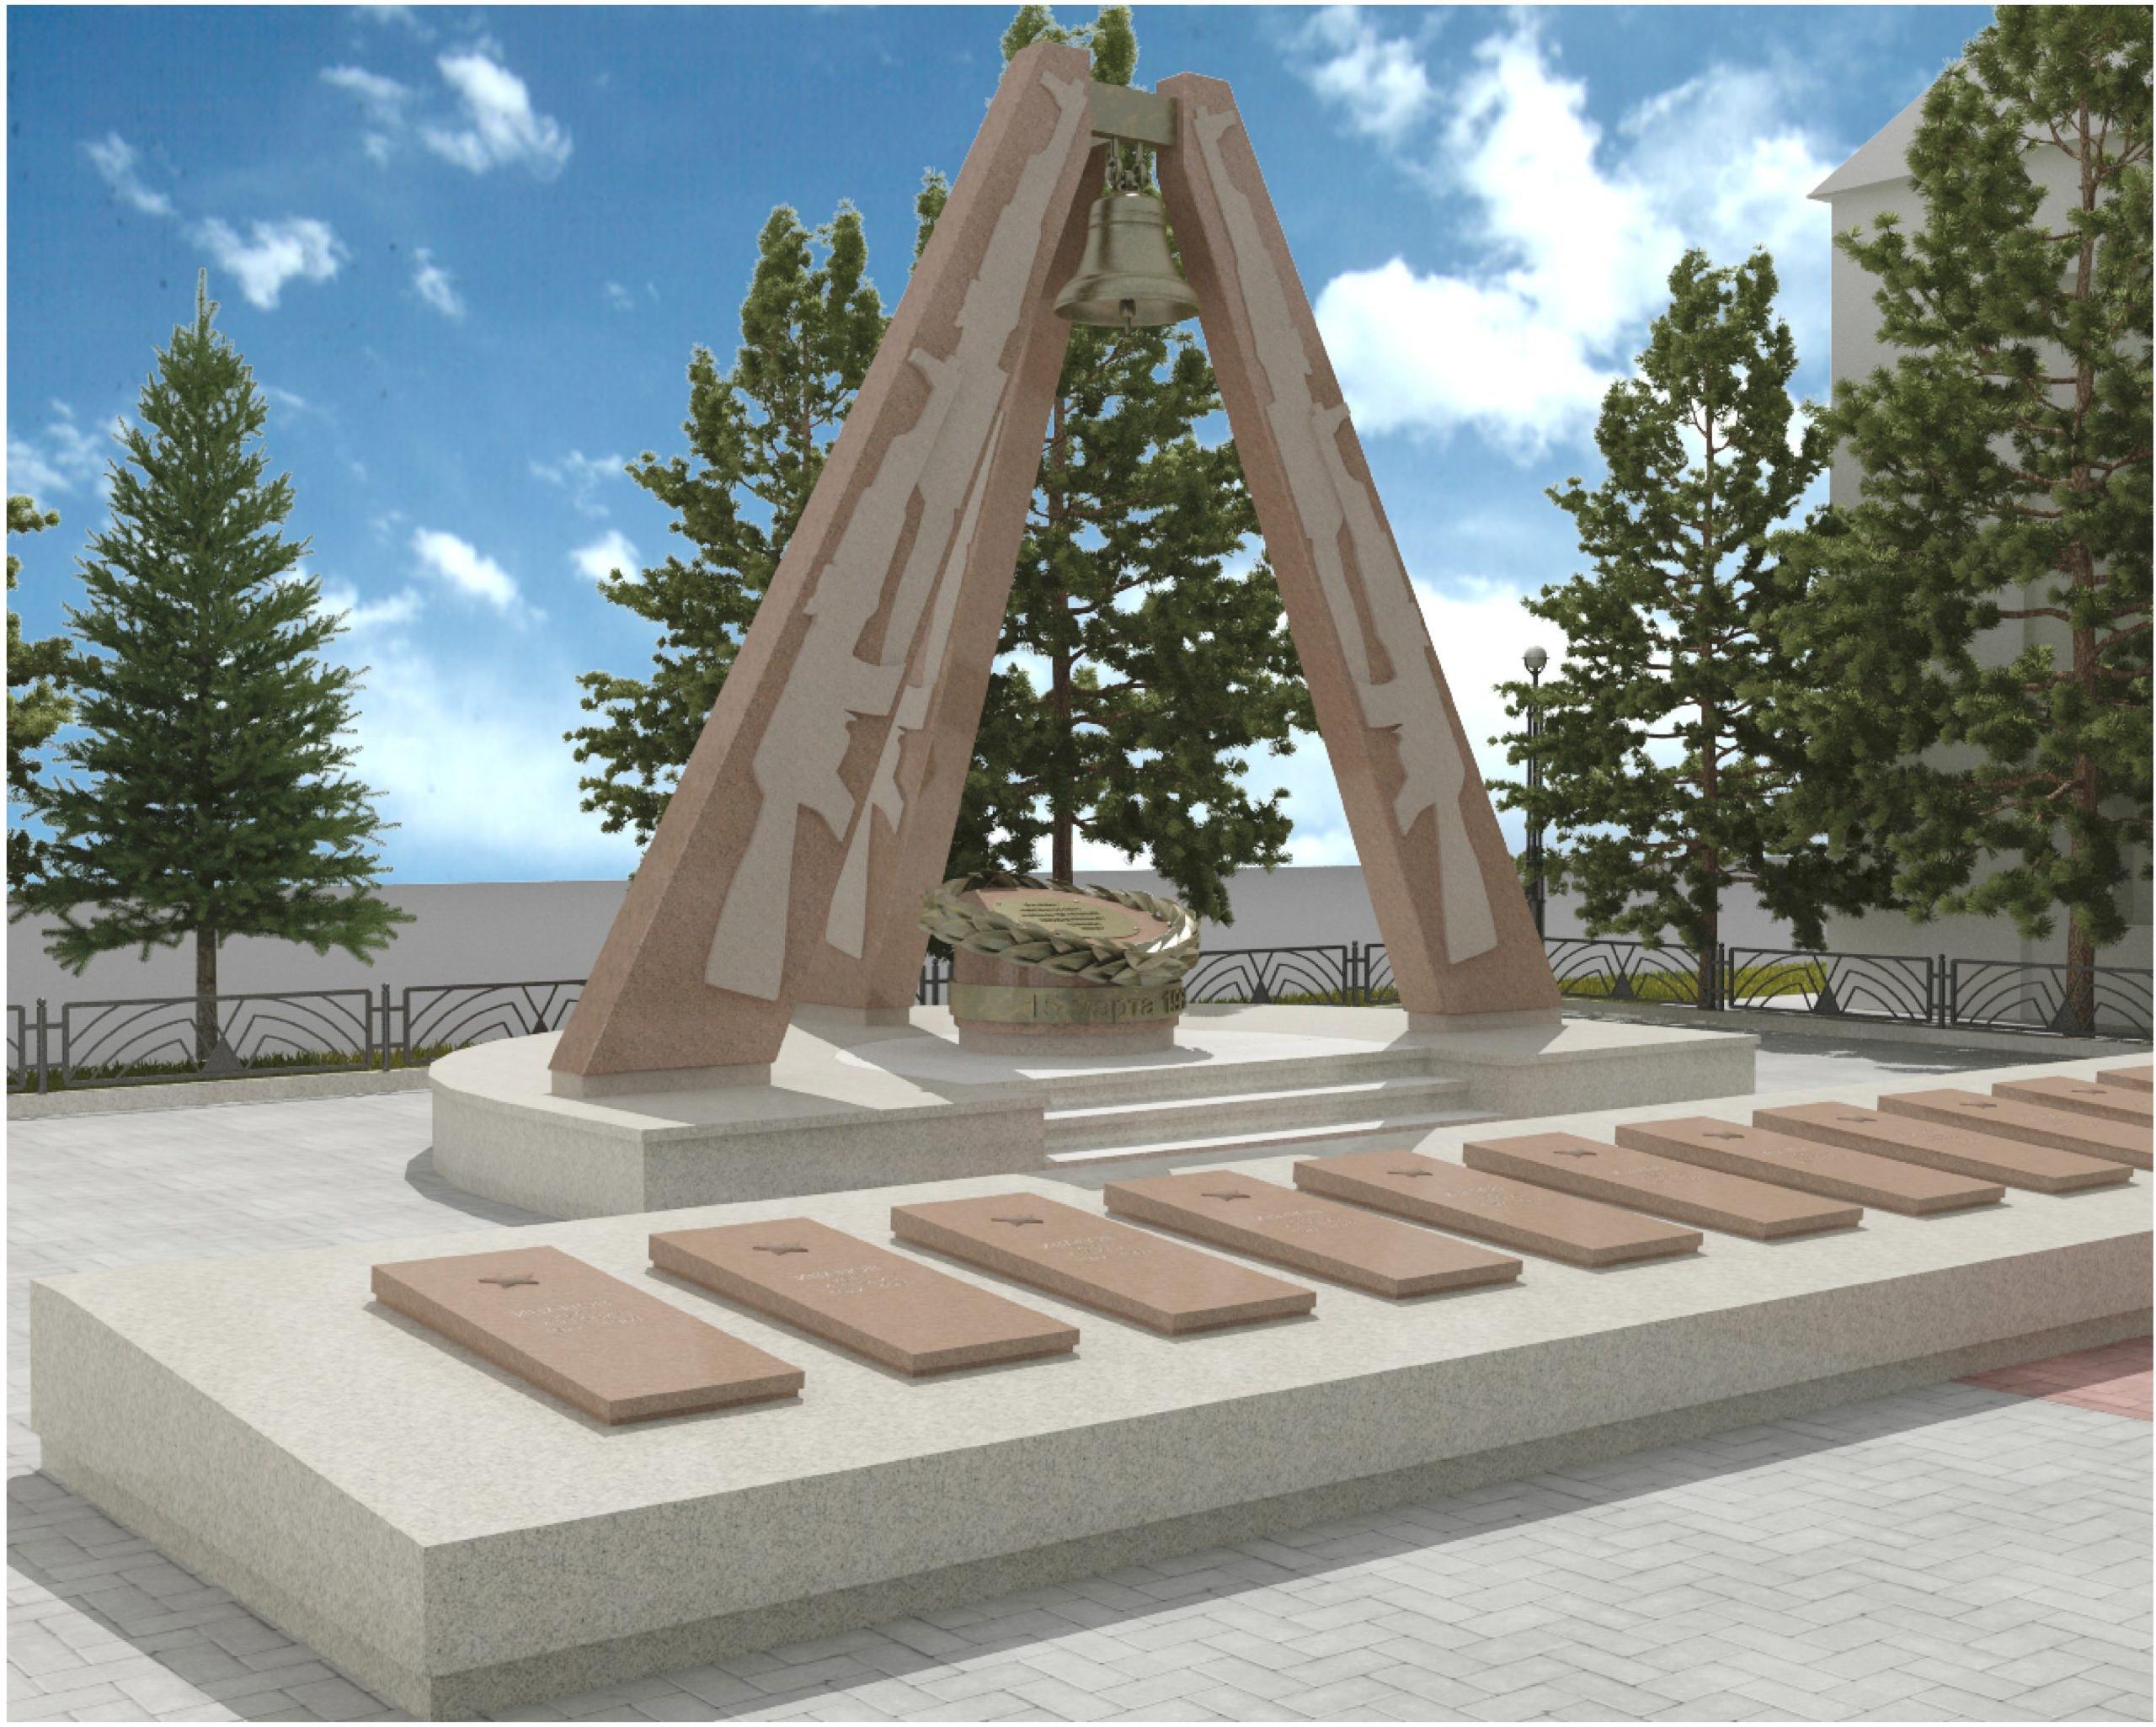 проект реставрации мемориального комплекса в селе Камень-Рыболов Приморского края, где захоронены защитники острова Даманский